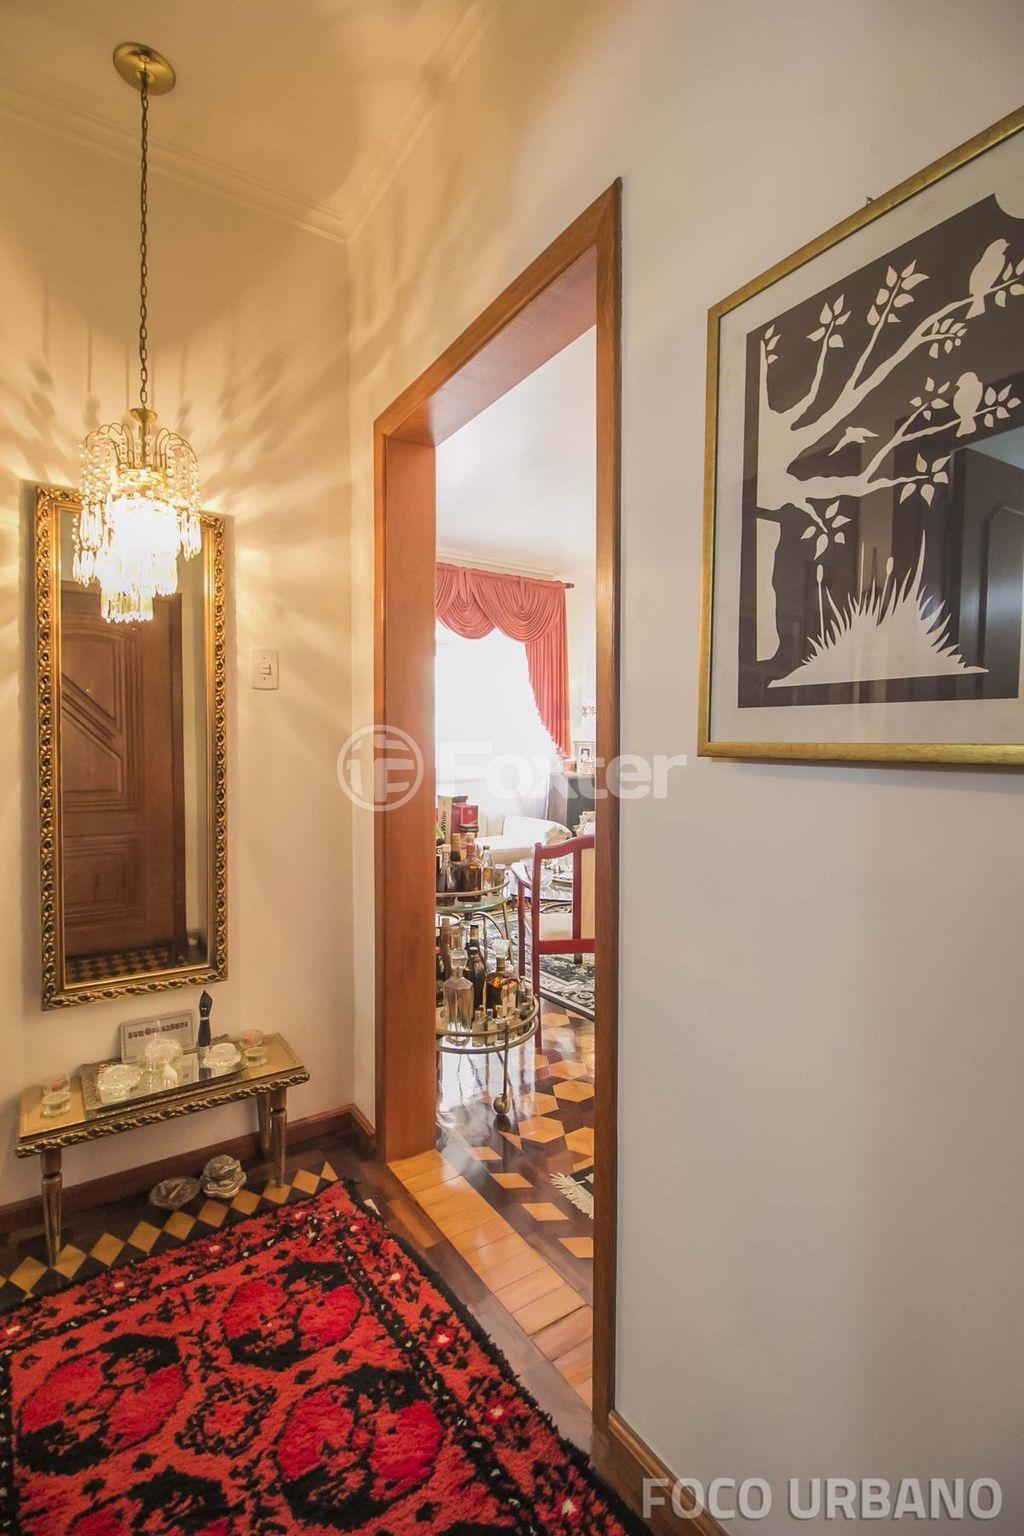 Foxter Imobiliária - Apto 3 Dorm, Bom Fim (142075) - Foto 2